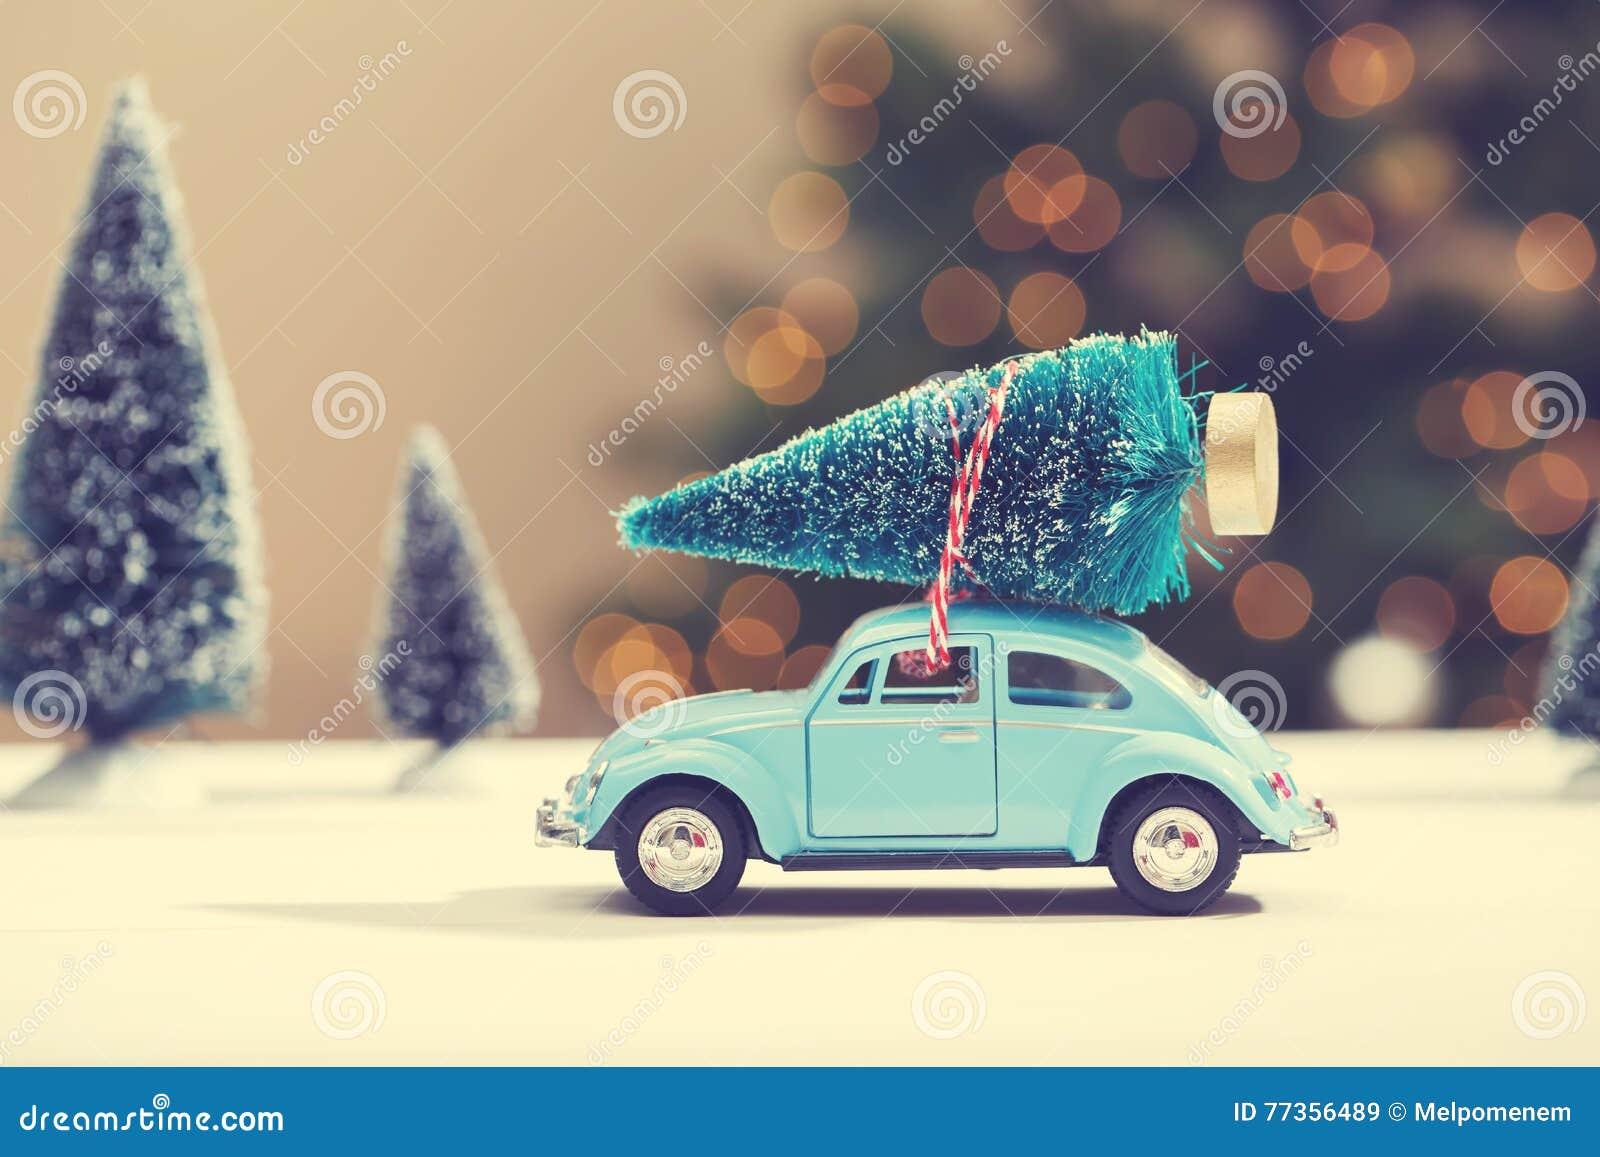 Auto Die Een Kerstboom Dragen Stock Afbeelding Image Of Weinig Seizoengebonden 77356489